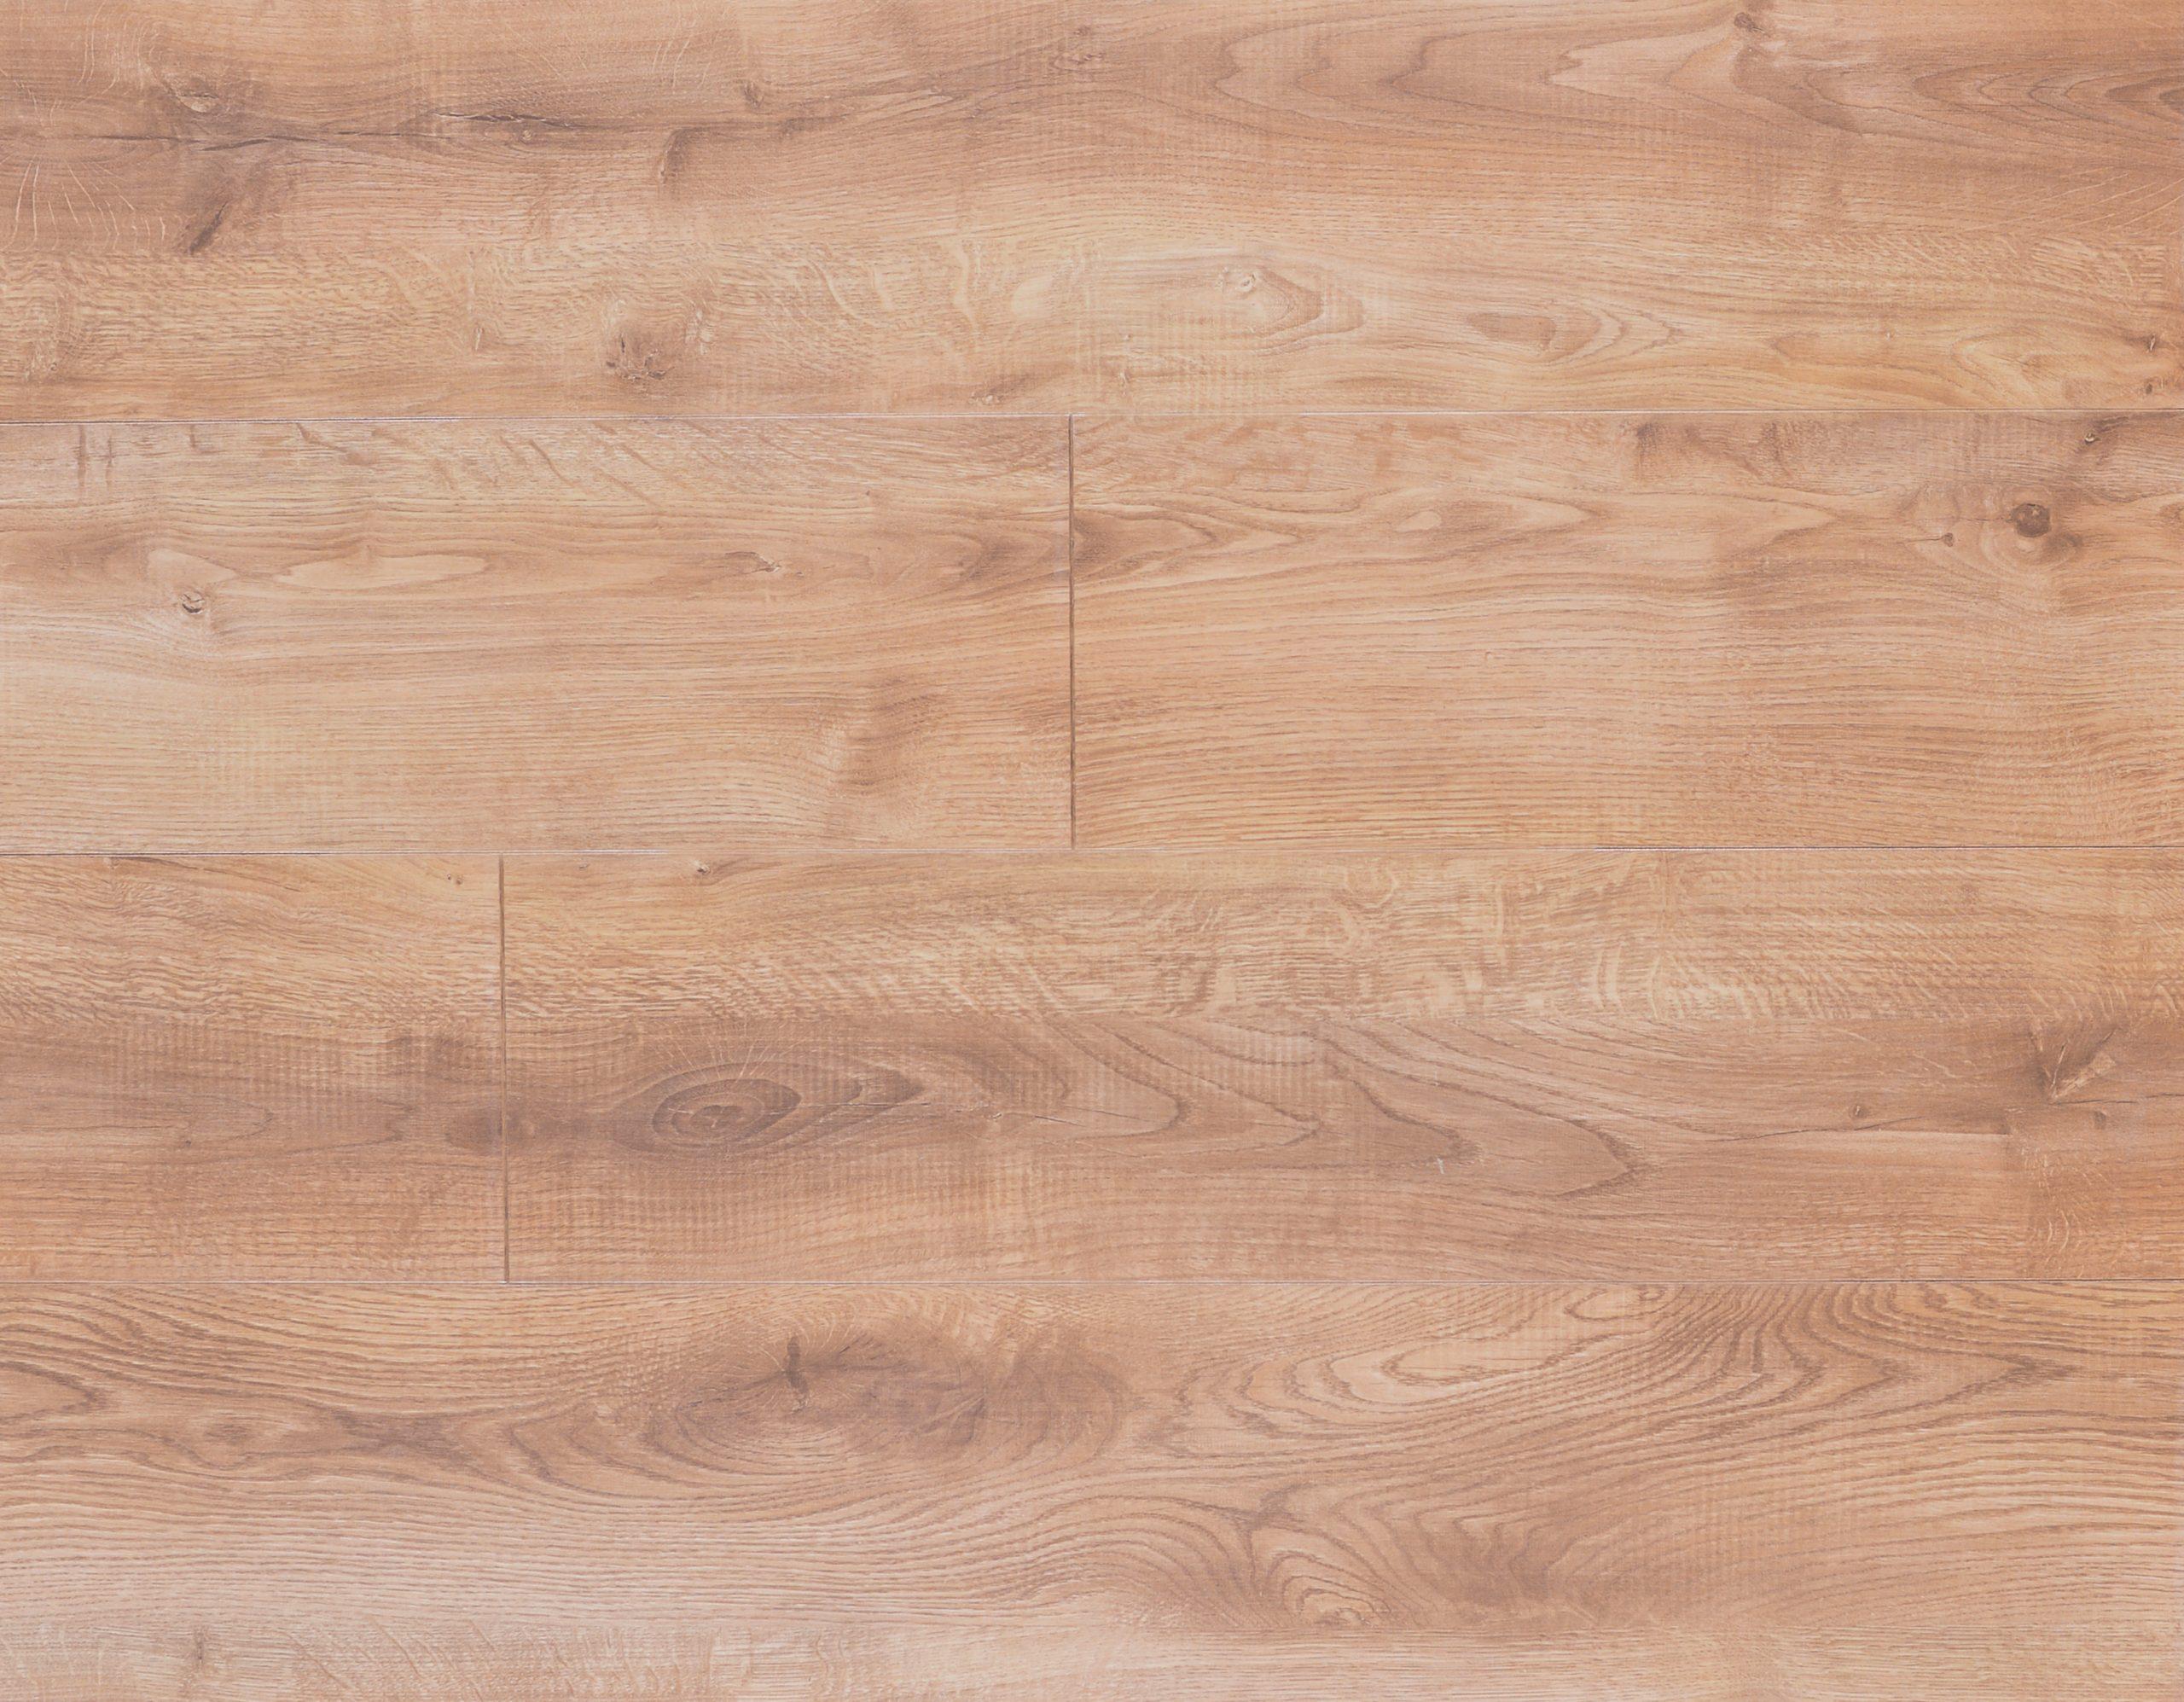 Afbeelding van vloersoort Balmoral XL V2 Durbuy 313